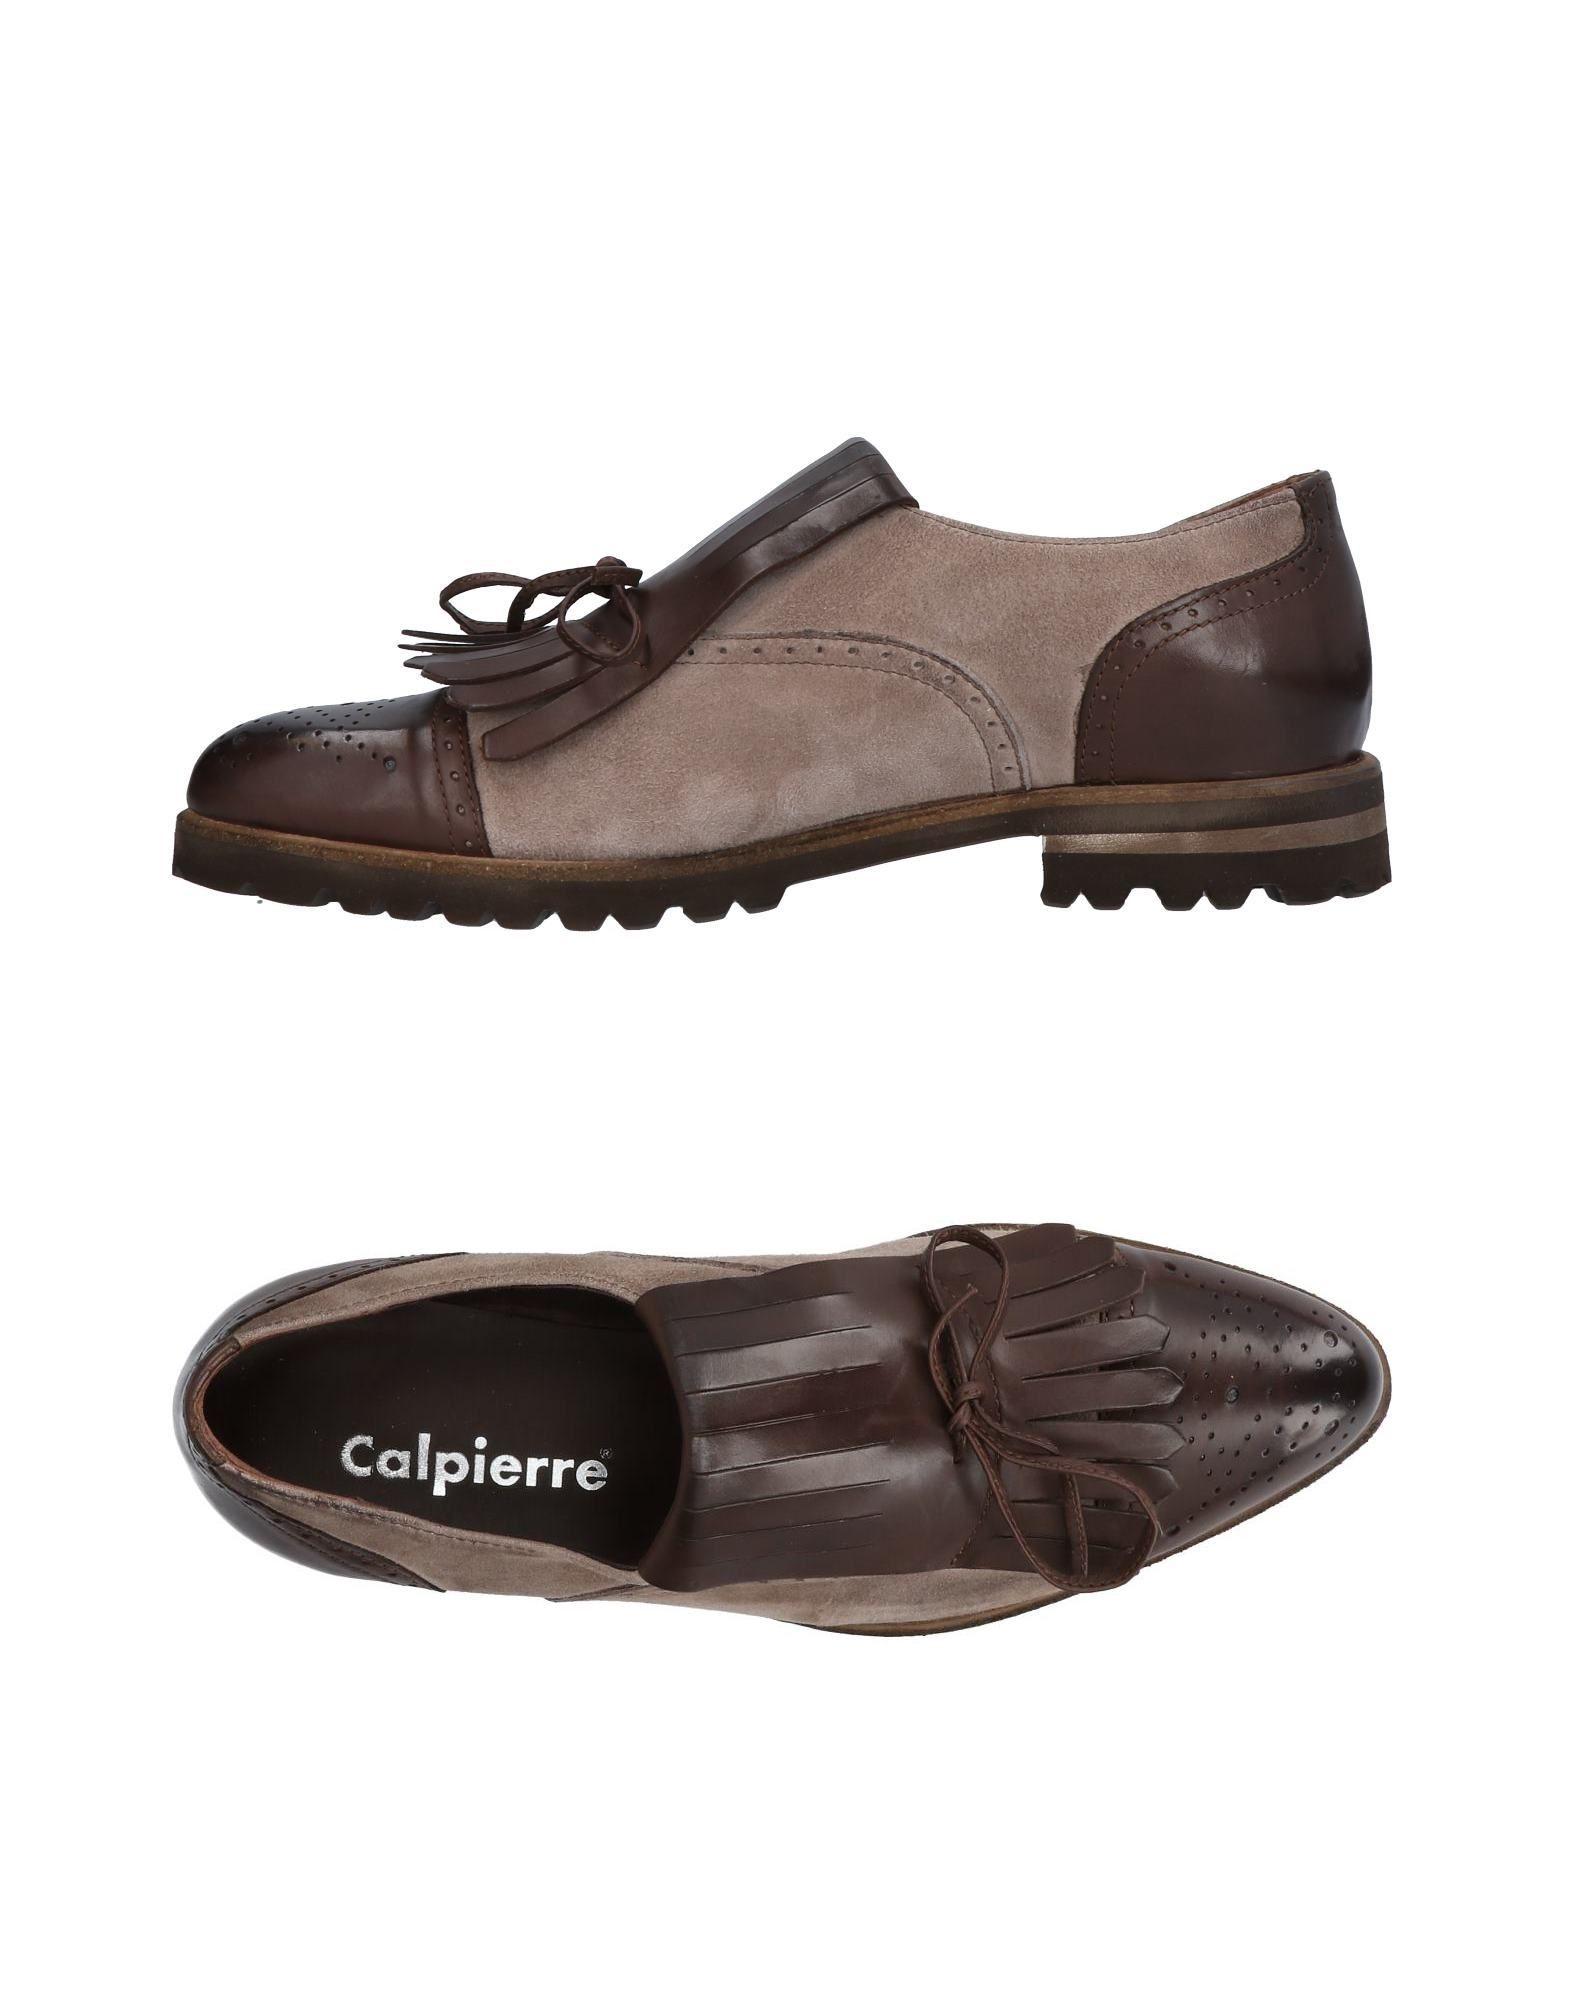 Calpierre Gute Mokassins Damen  11459477TA Gute Calpierre Qualität beliebte Schuhe 401d68